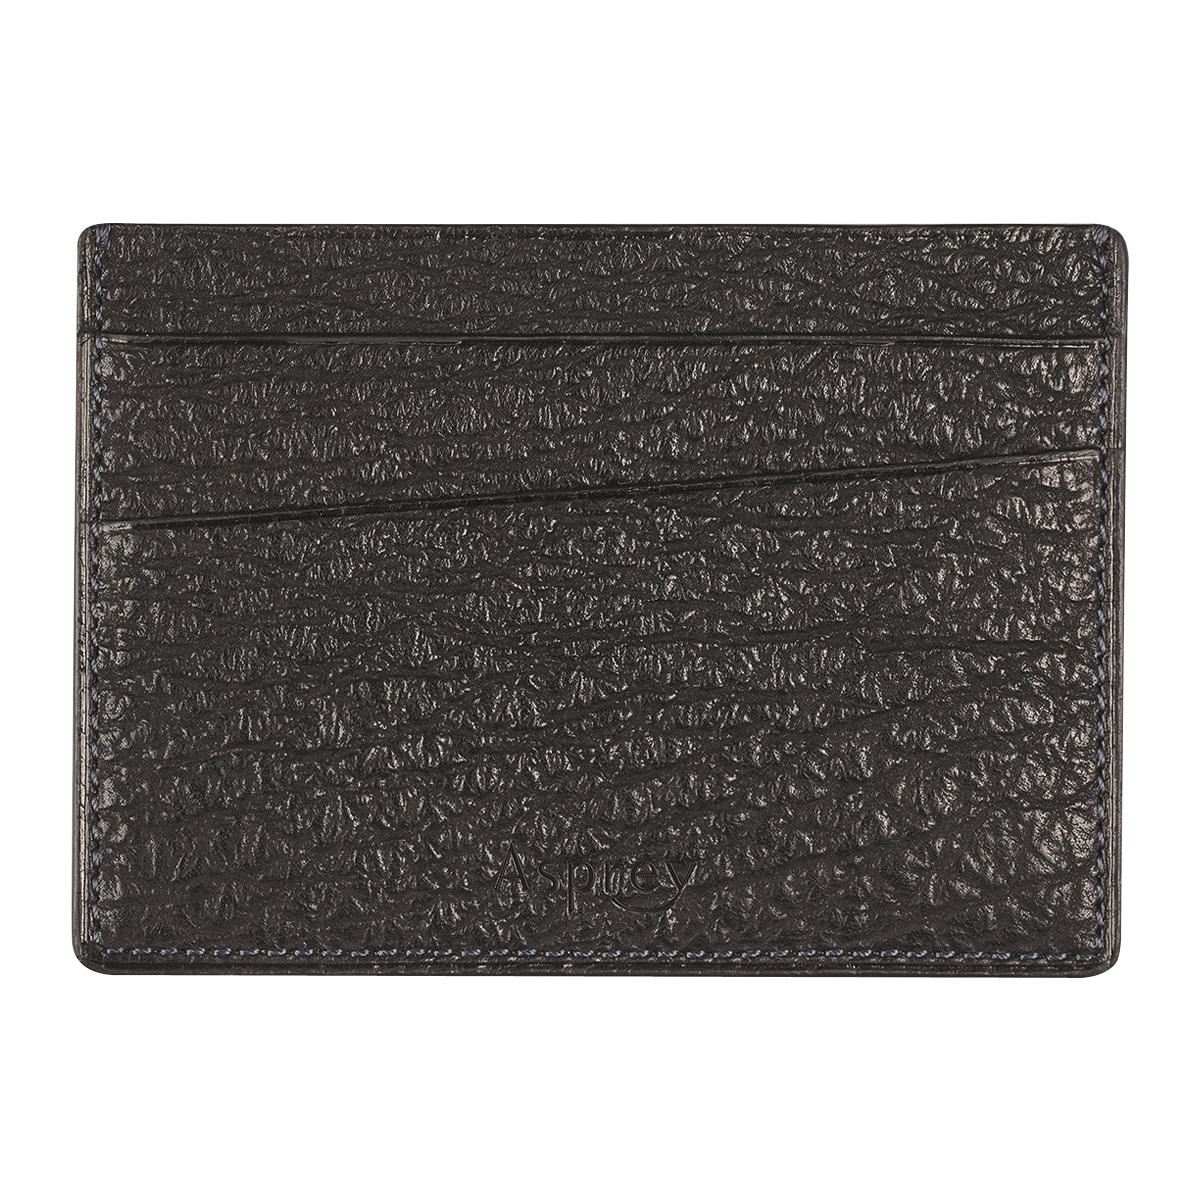 Black Shark Skin Leather Bond St. Card Slip Case